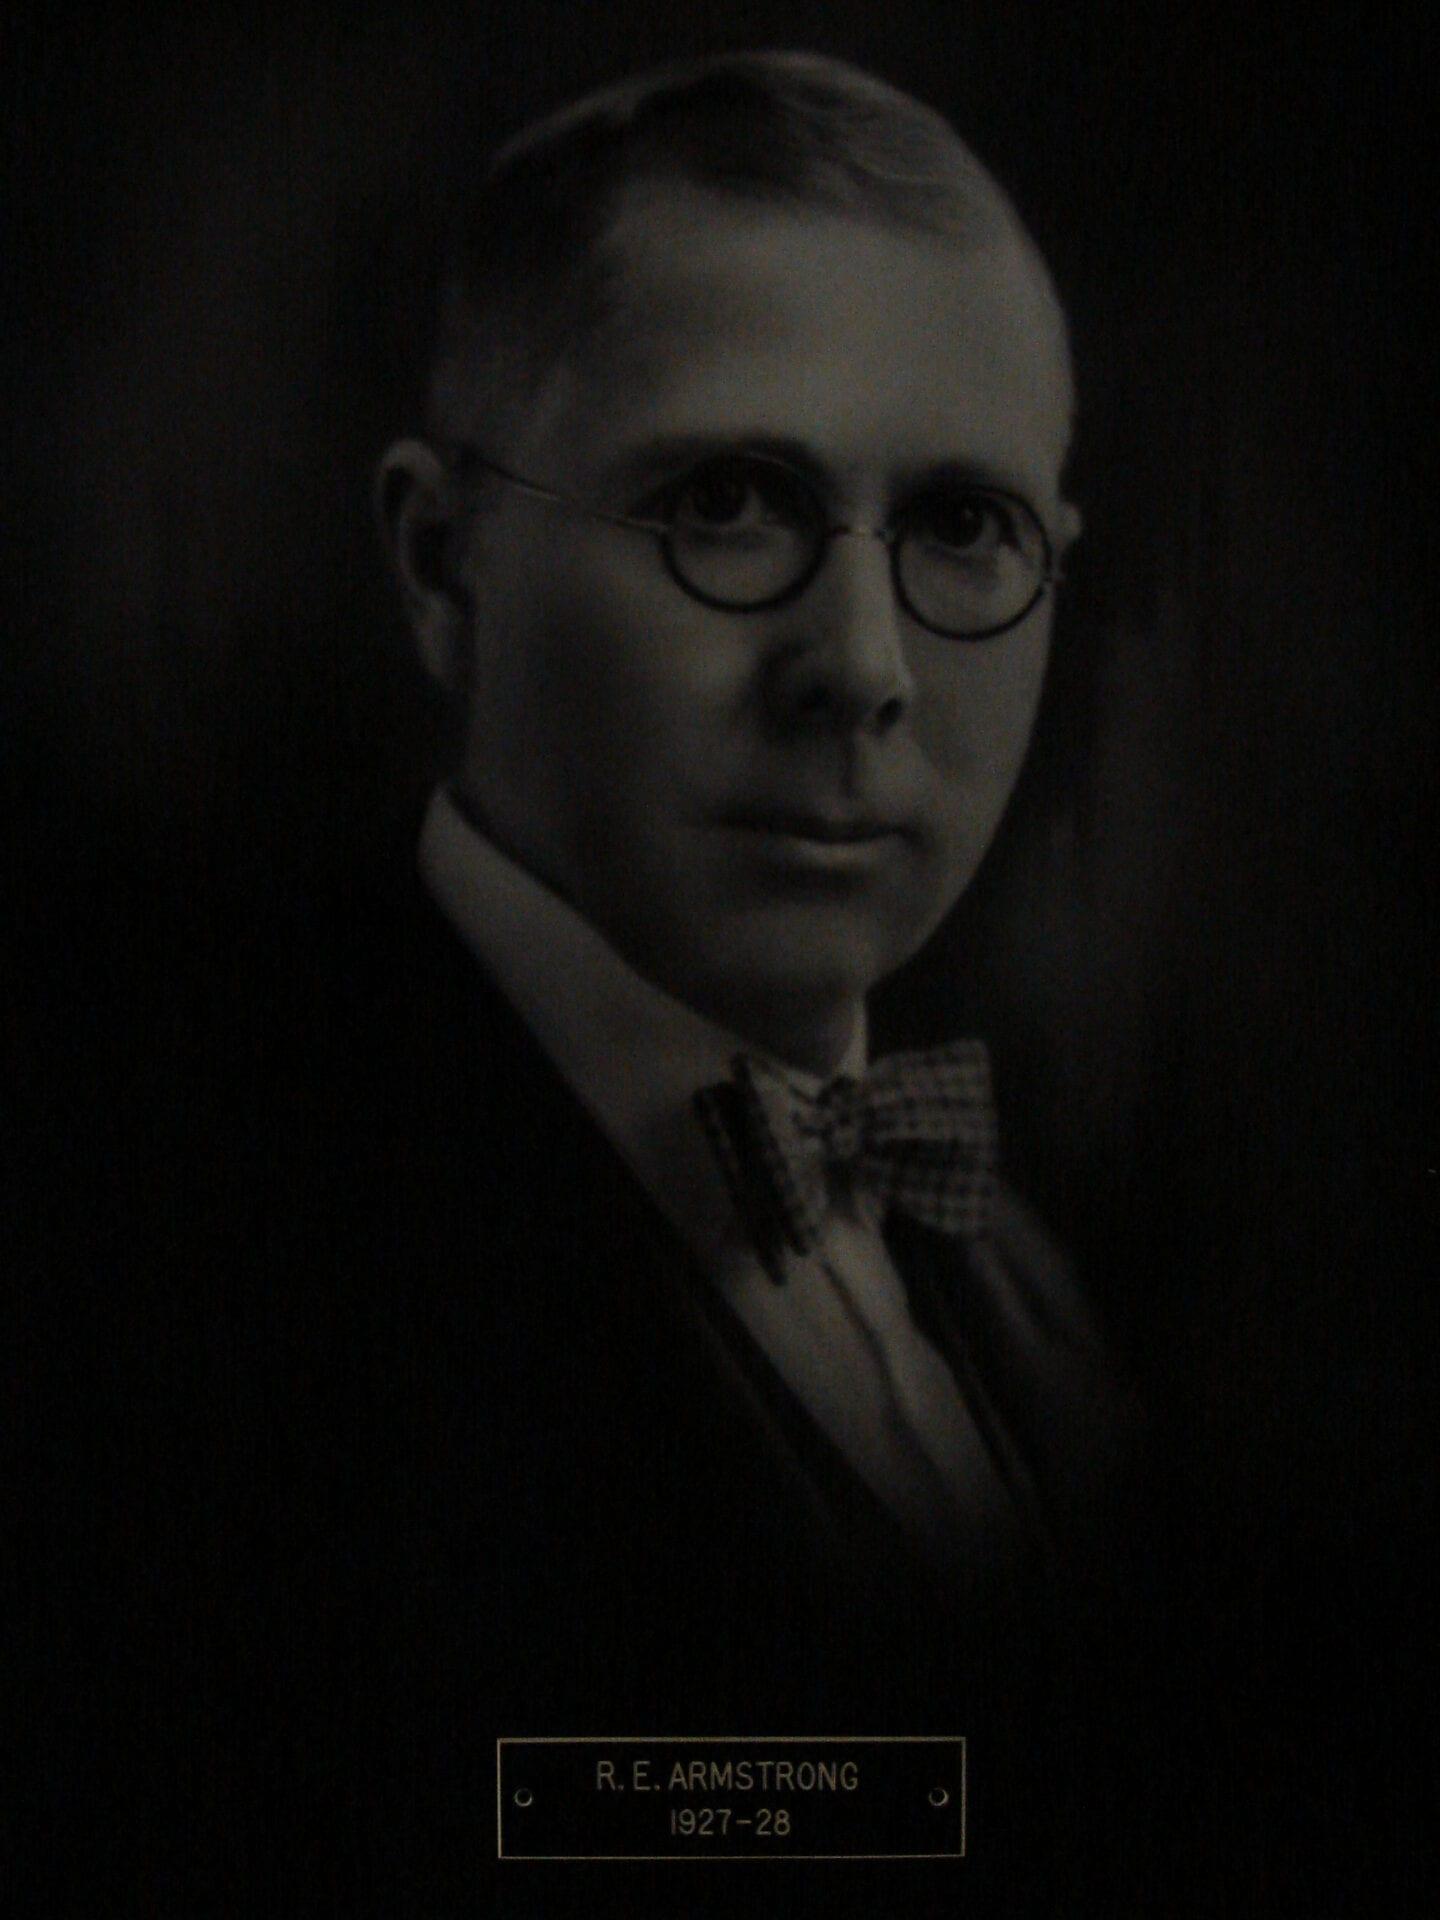 R E Armstrong